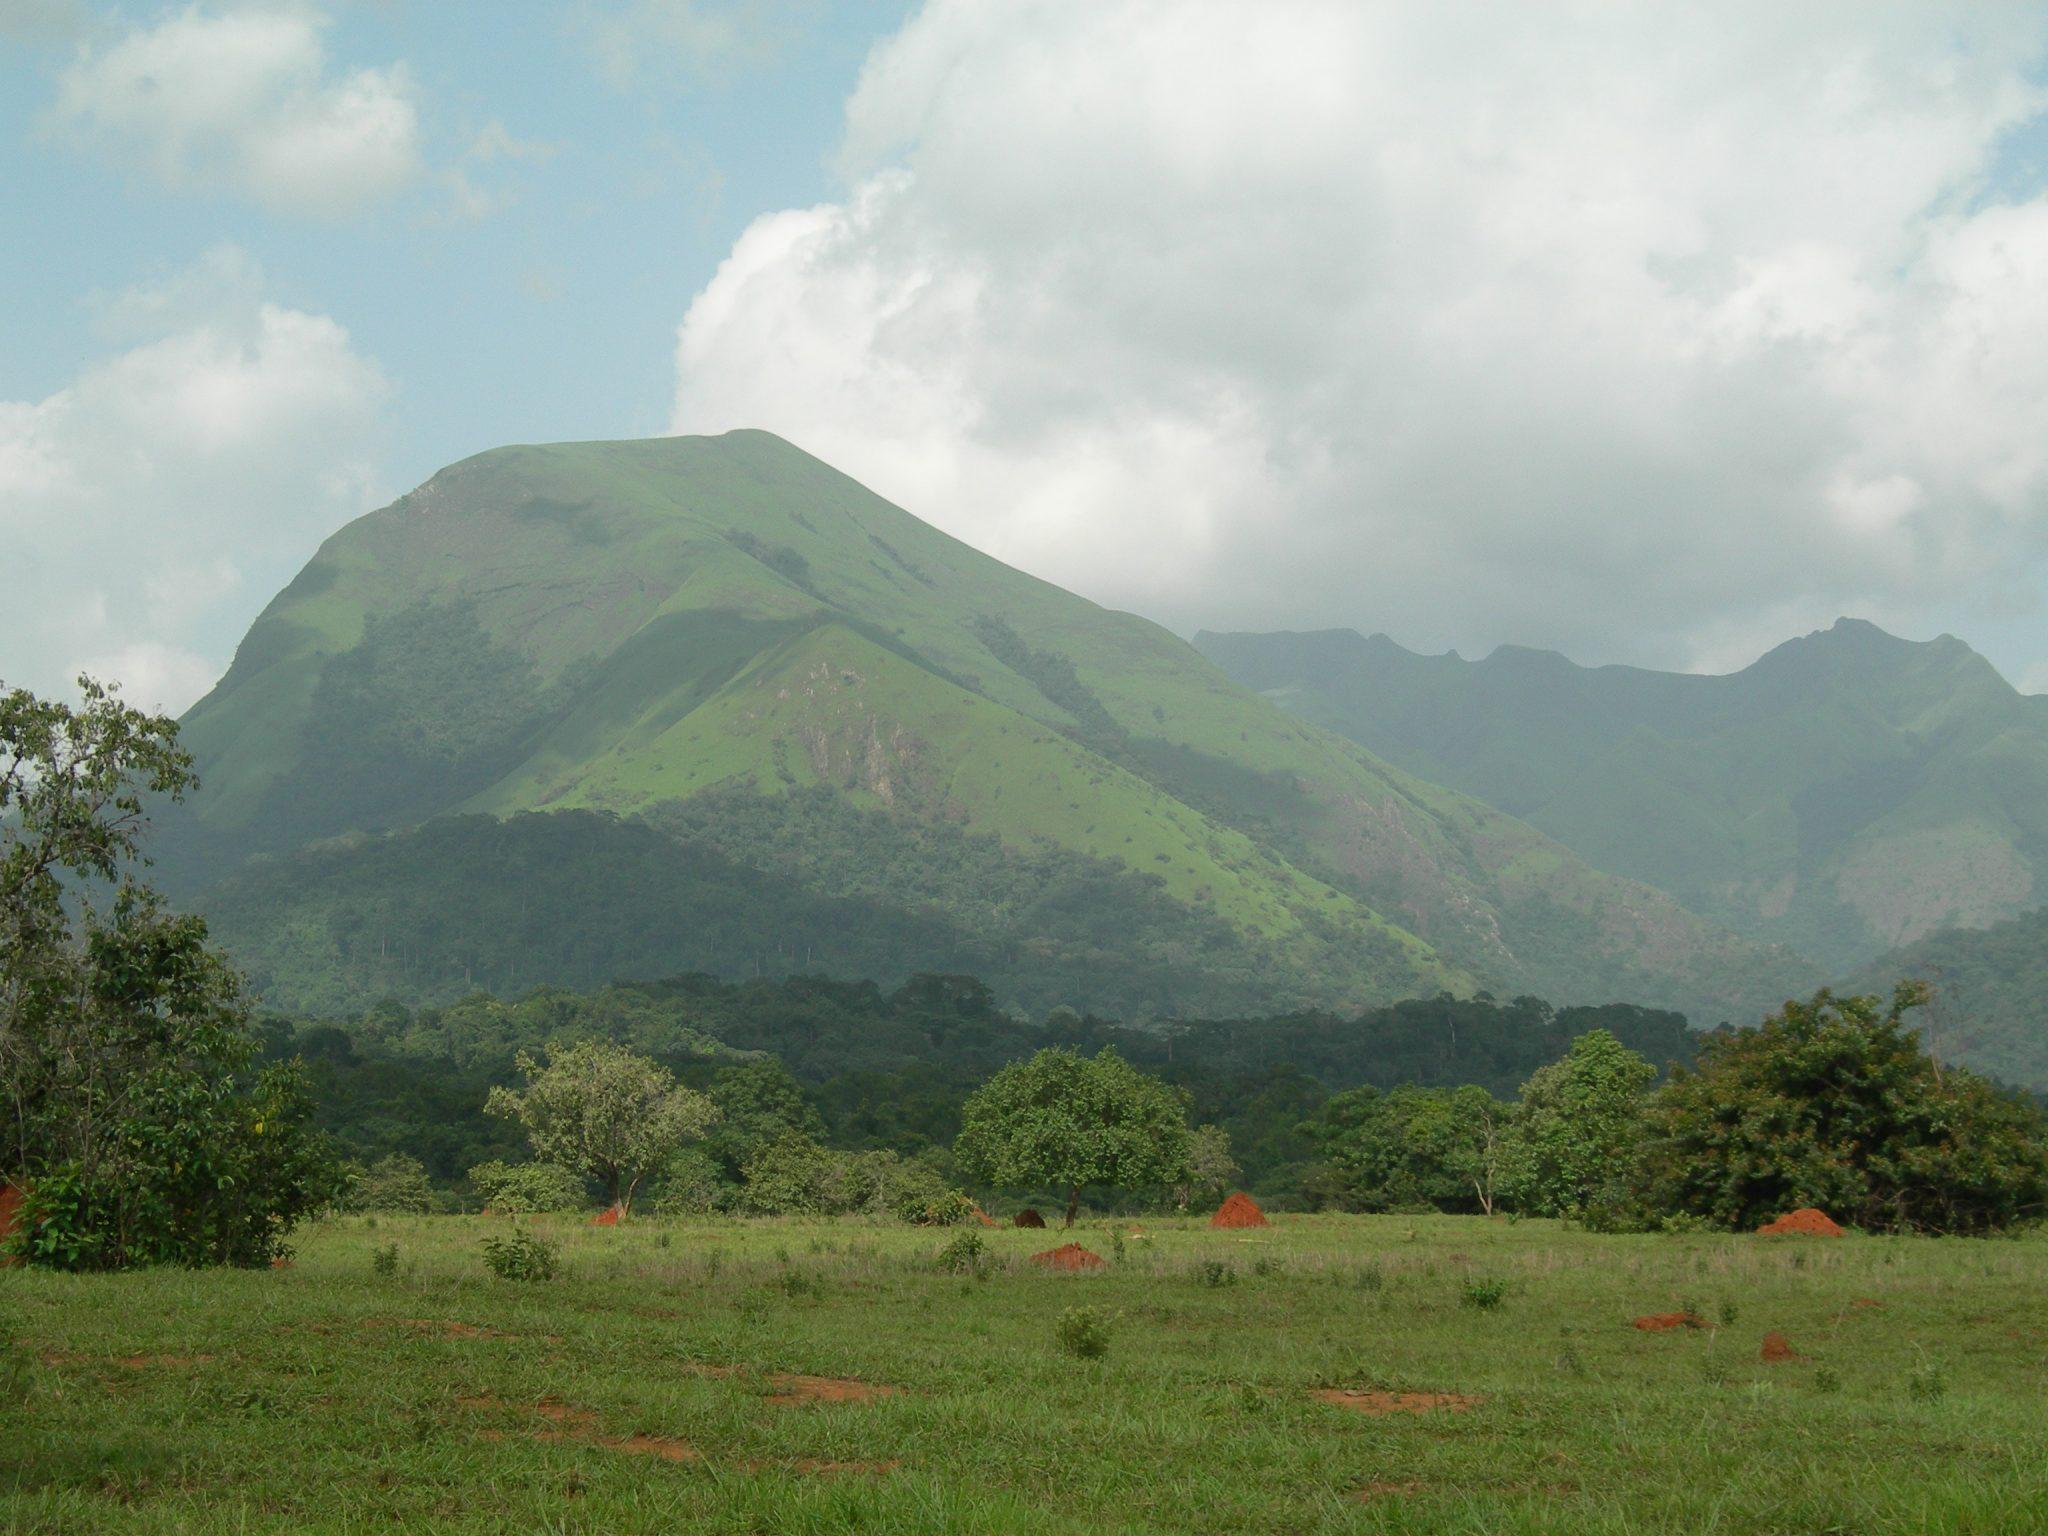 Mont Nimba